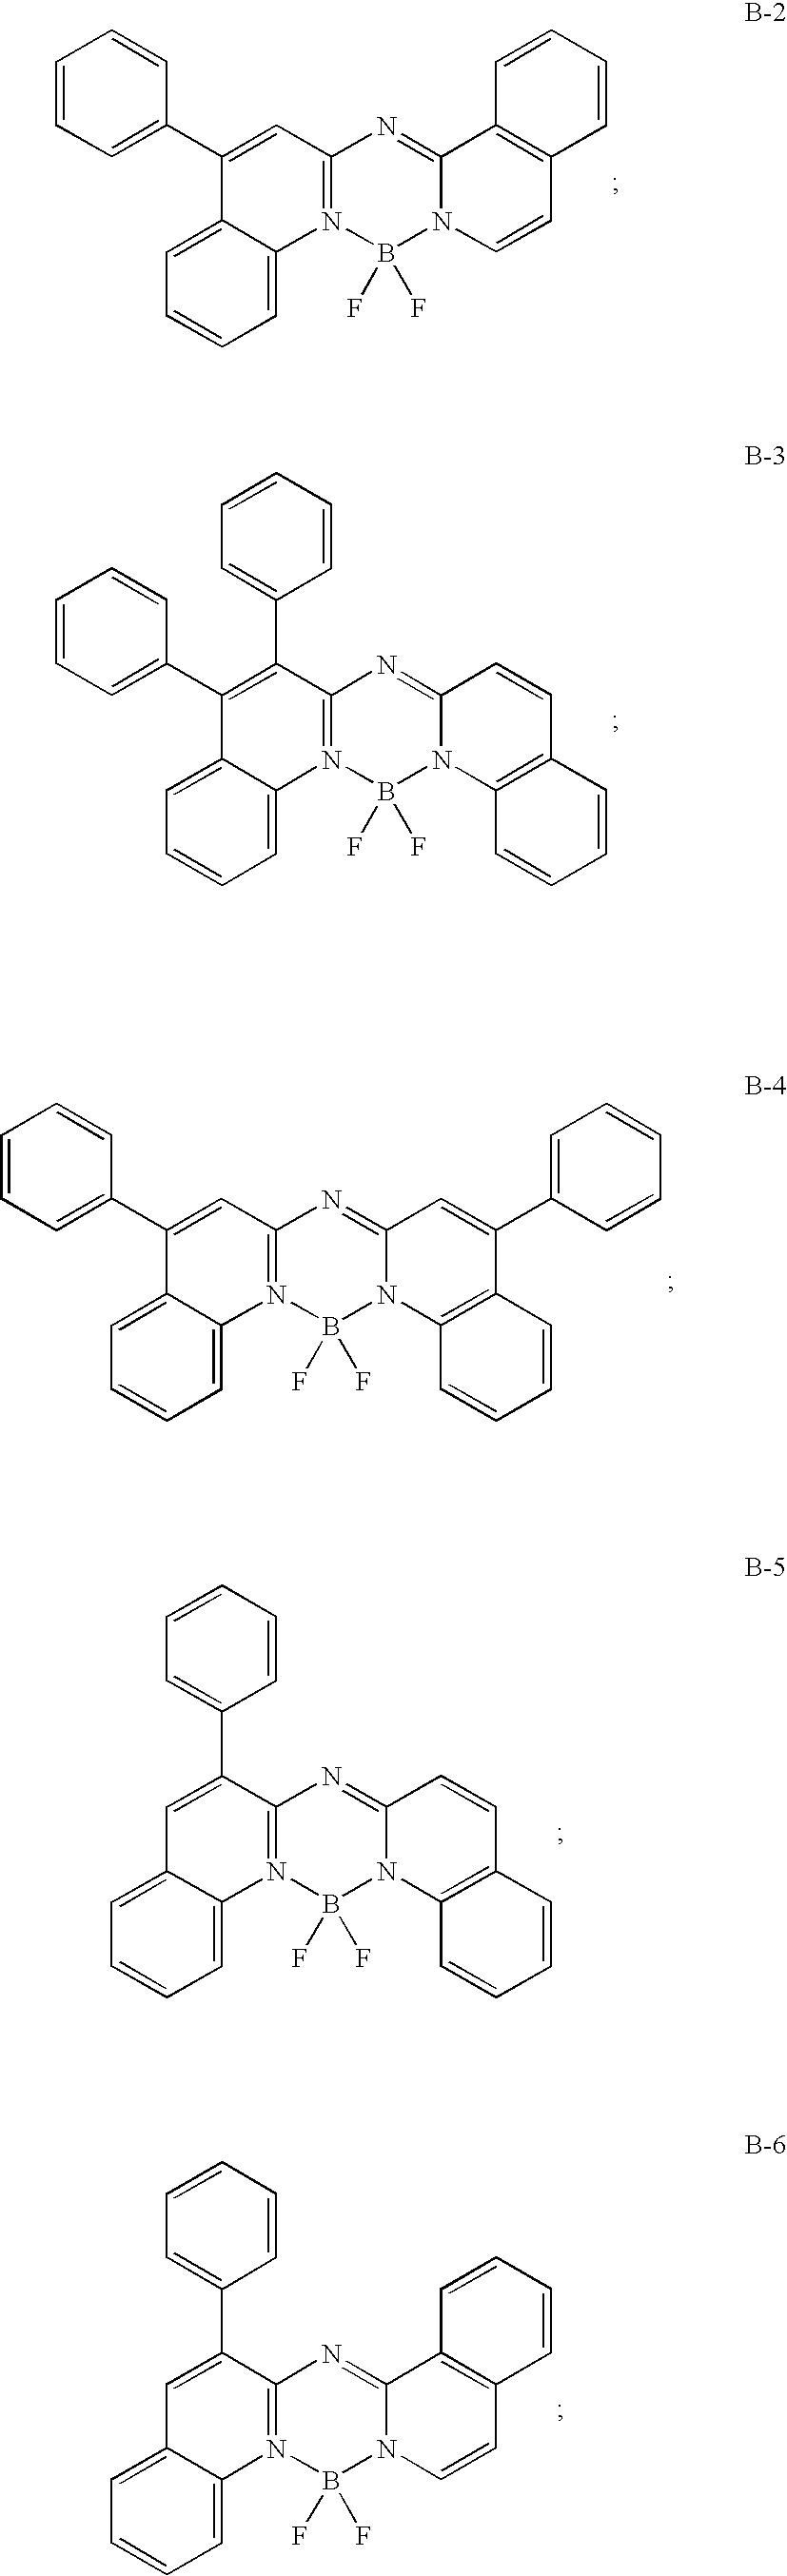 Figure US20040058193A1-20040325-C00016